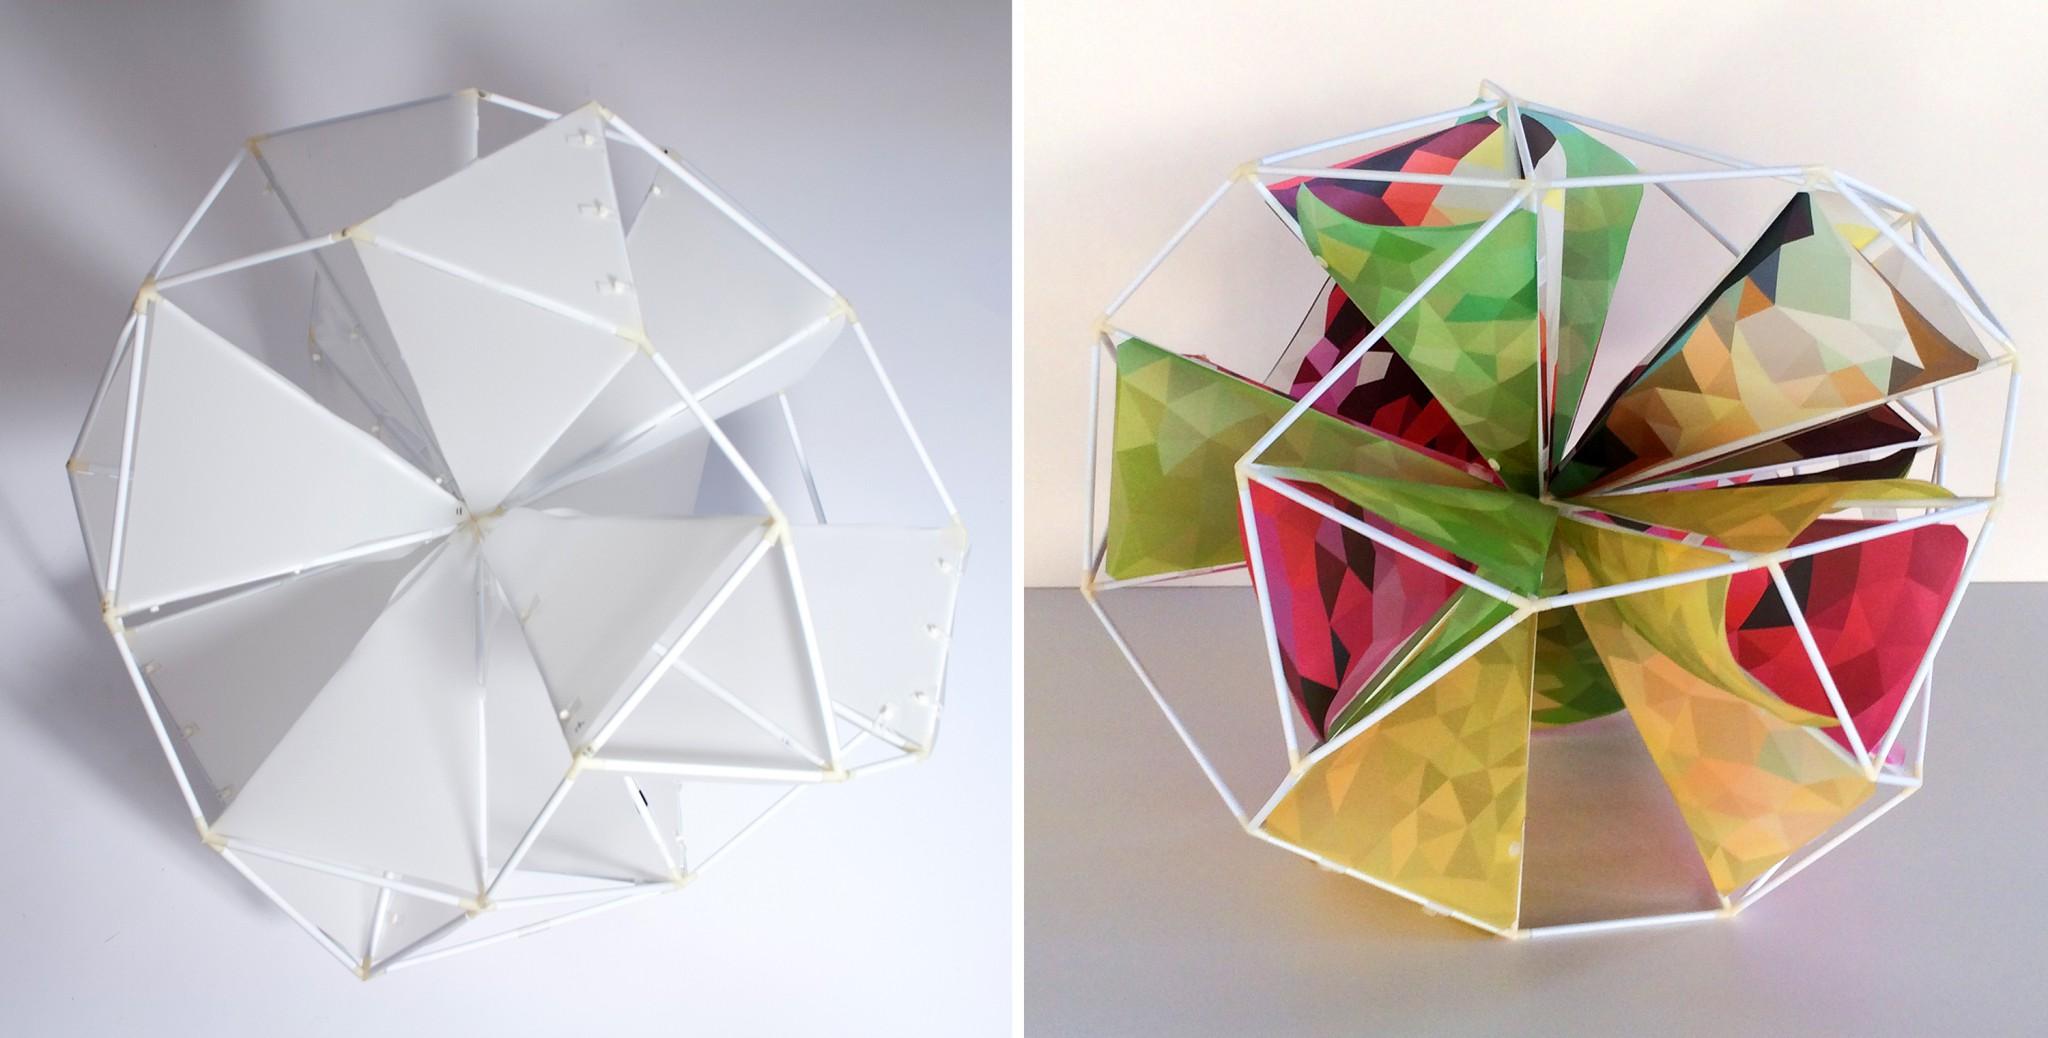 Kite Mockup Model Composite3